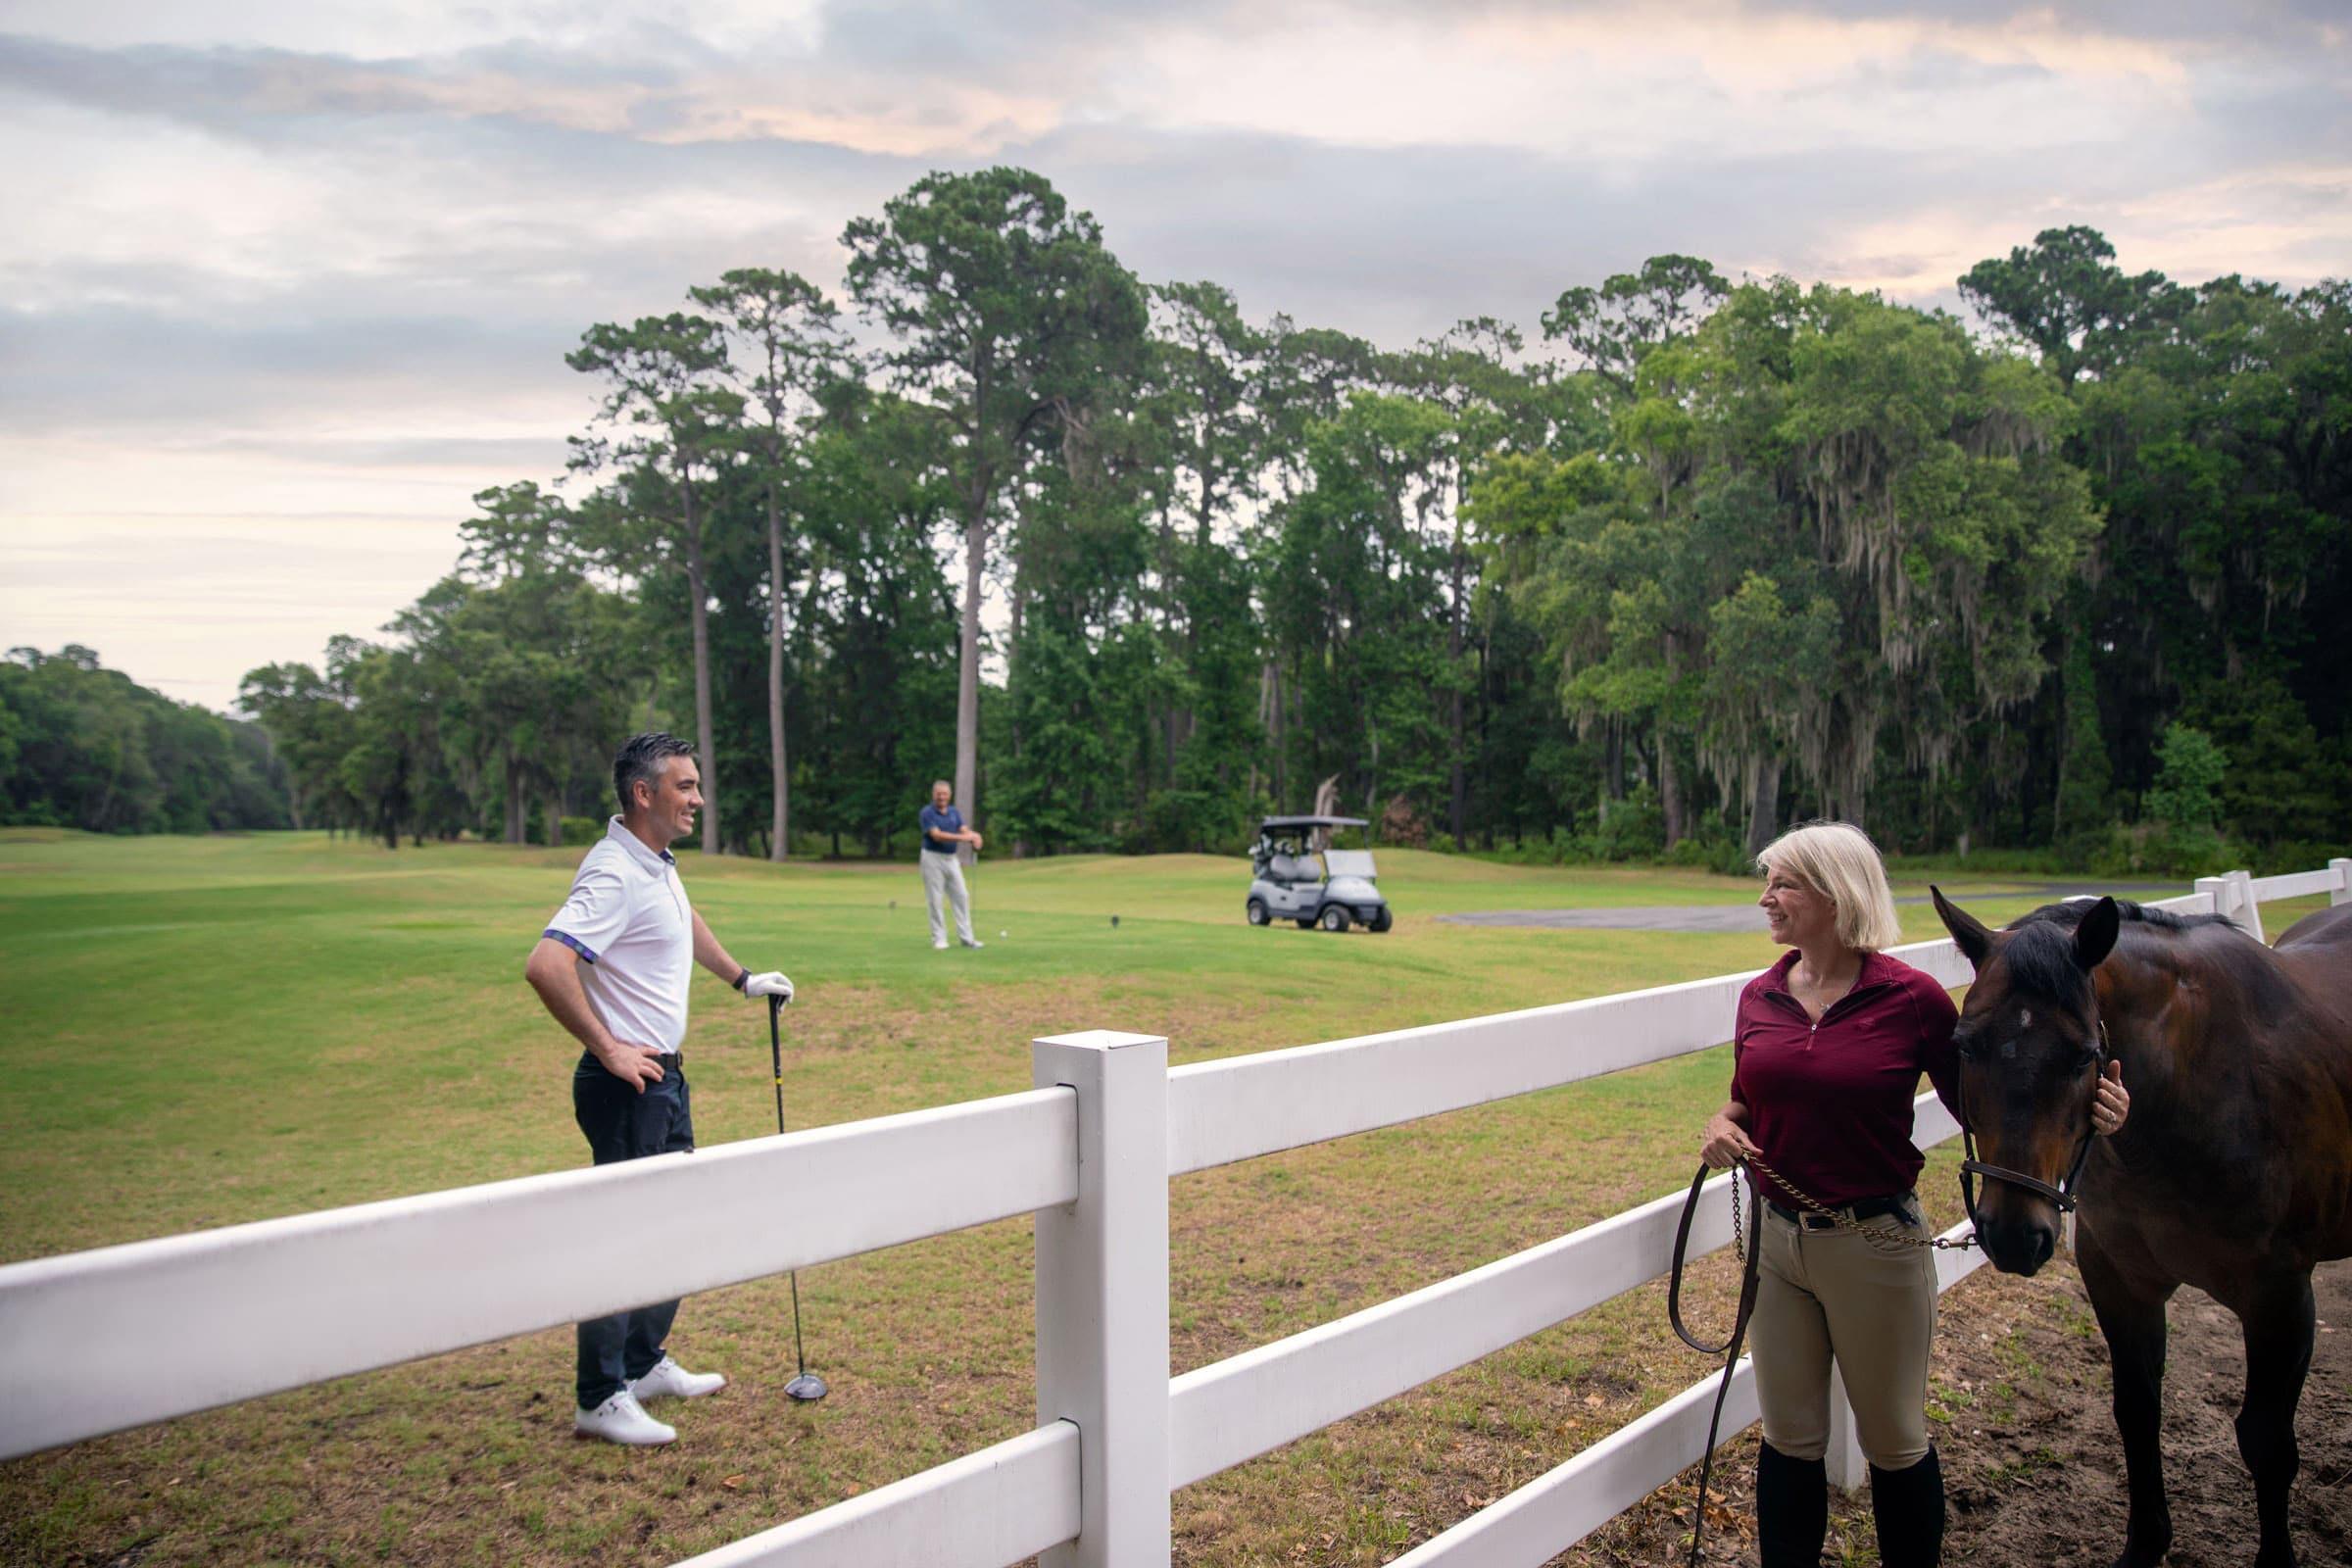 Equestrian Golf Course Haig Point